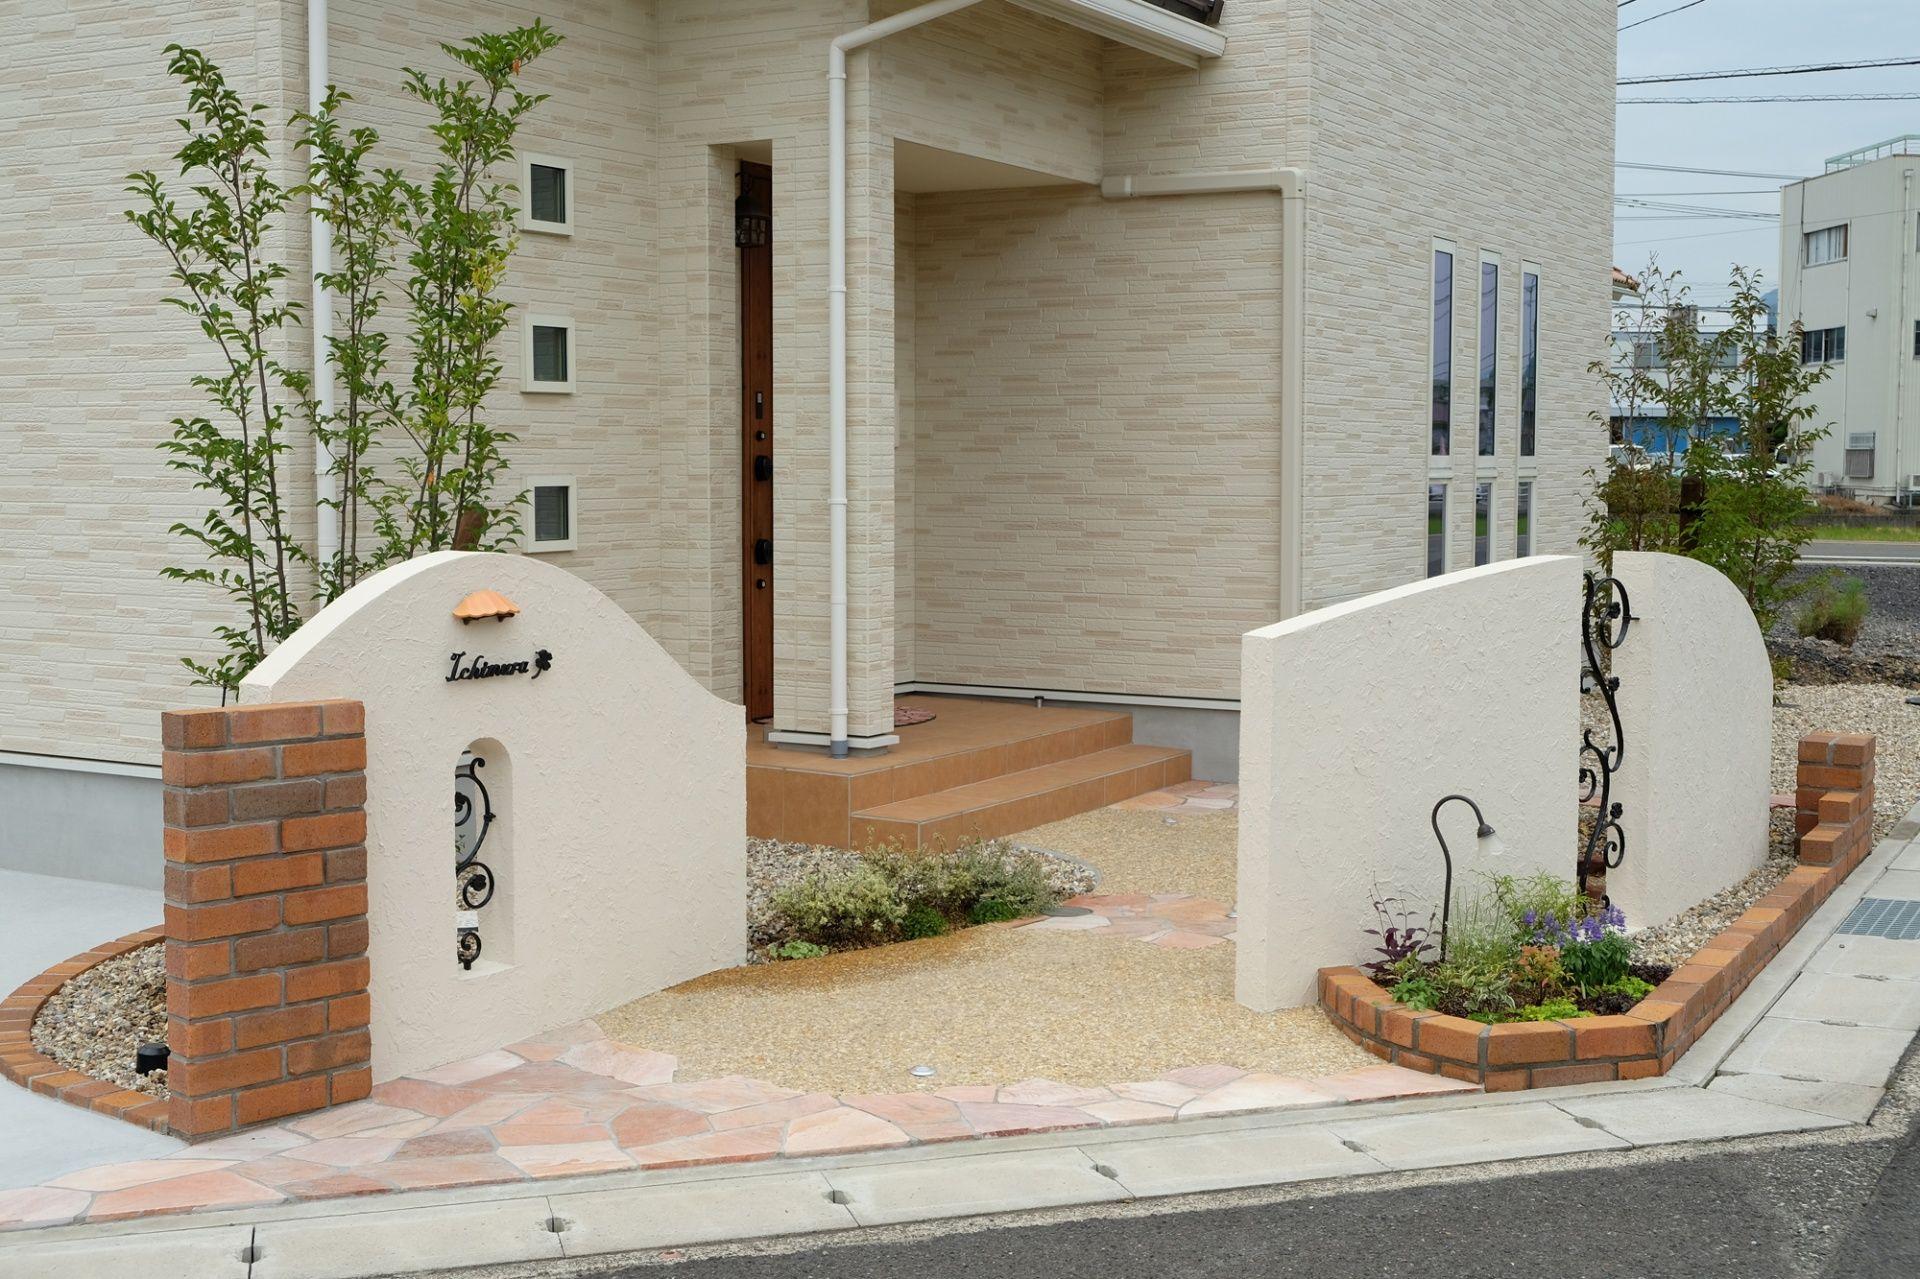 角地をおしゃれに彩る外構 アプローチ 玄関アプローチ タイル 玄関アプローチ モダン 玄関アプローチ デザイン